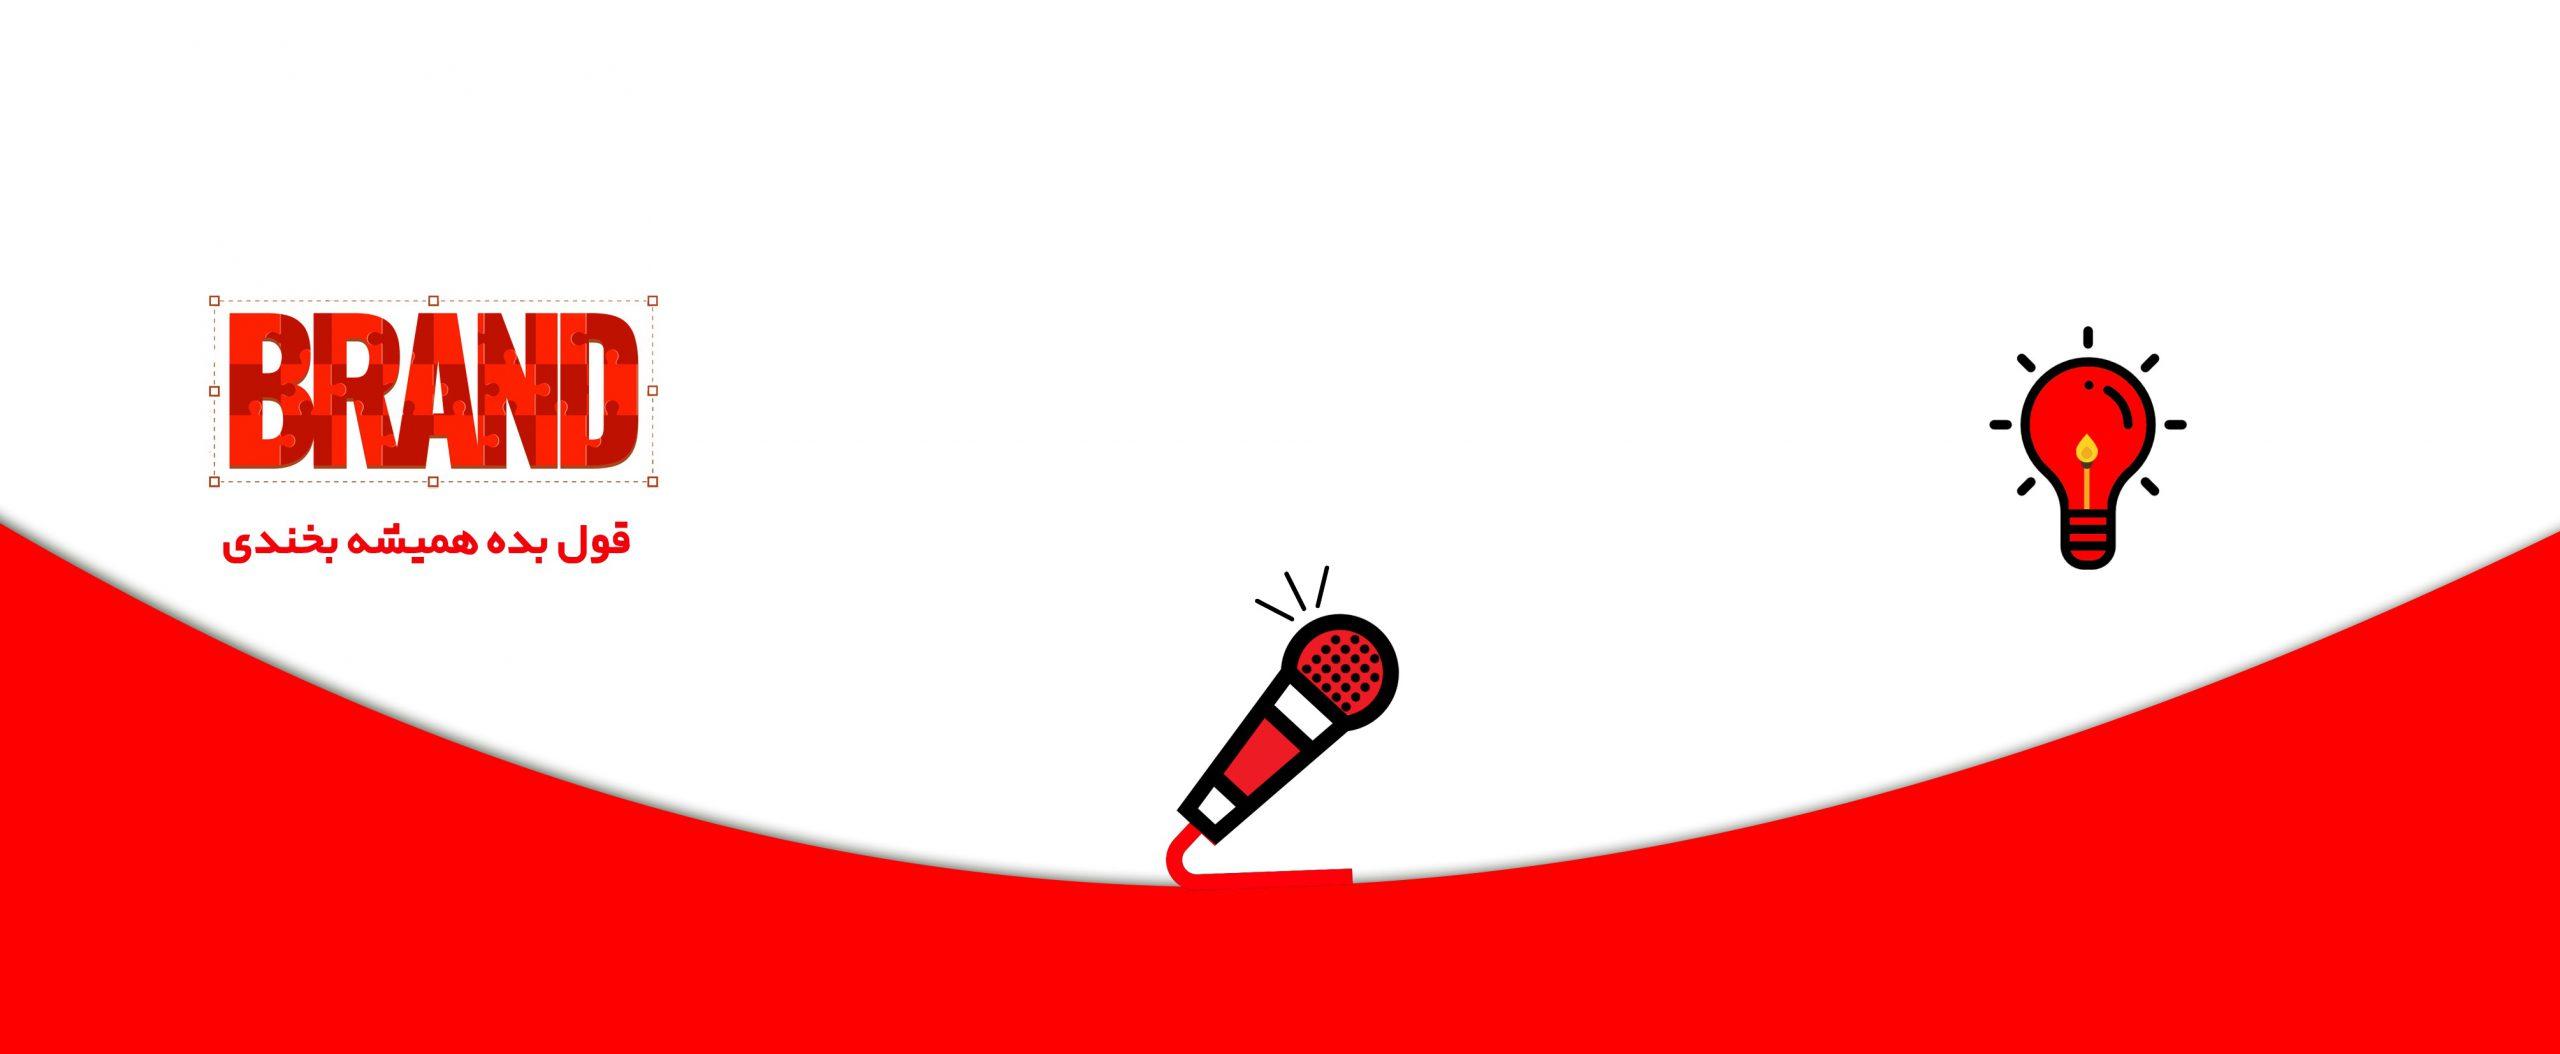 افقی نوین از تبلیغاتی کارا و اثربخش در کسب و کارتان را تجربه کنید